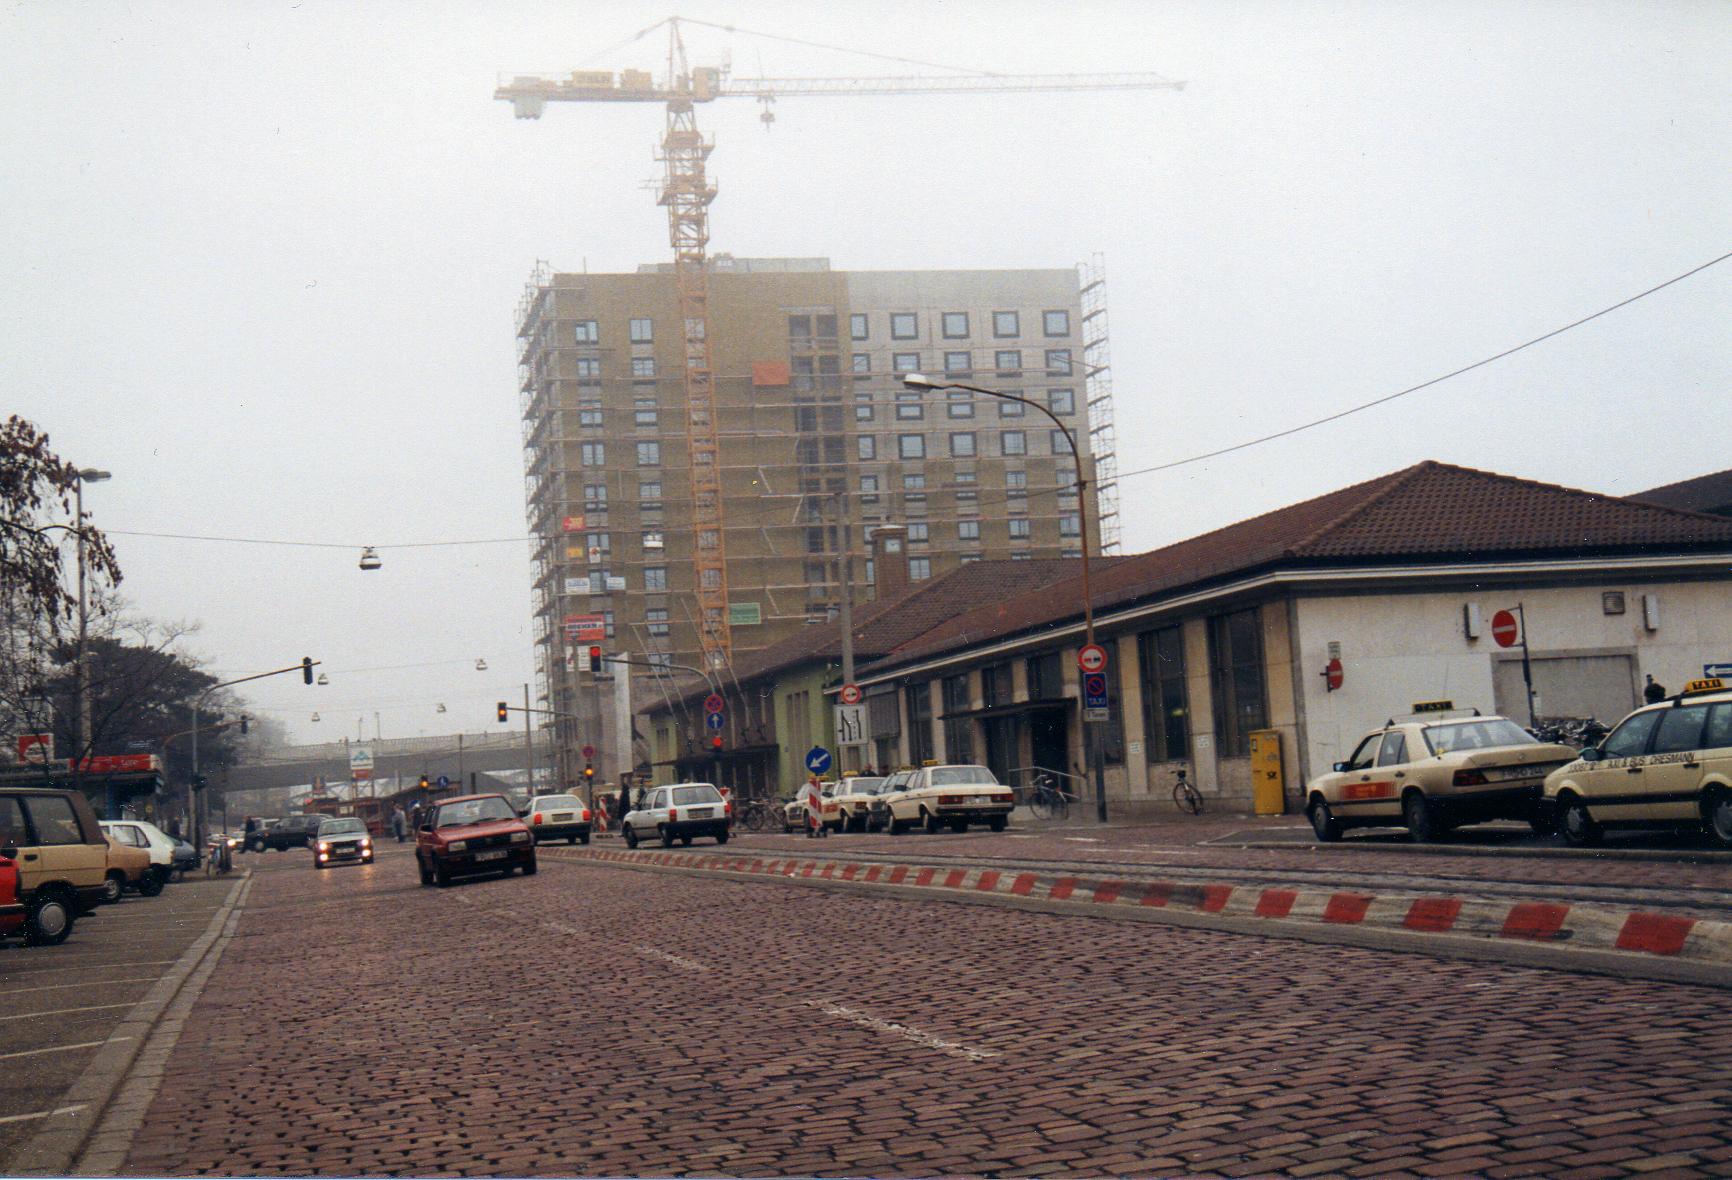 Bahnhof_Freiburg_Bau_IC-Hotel_1992